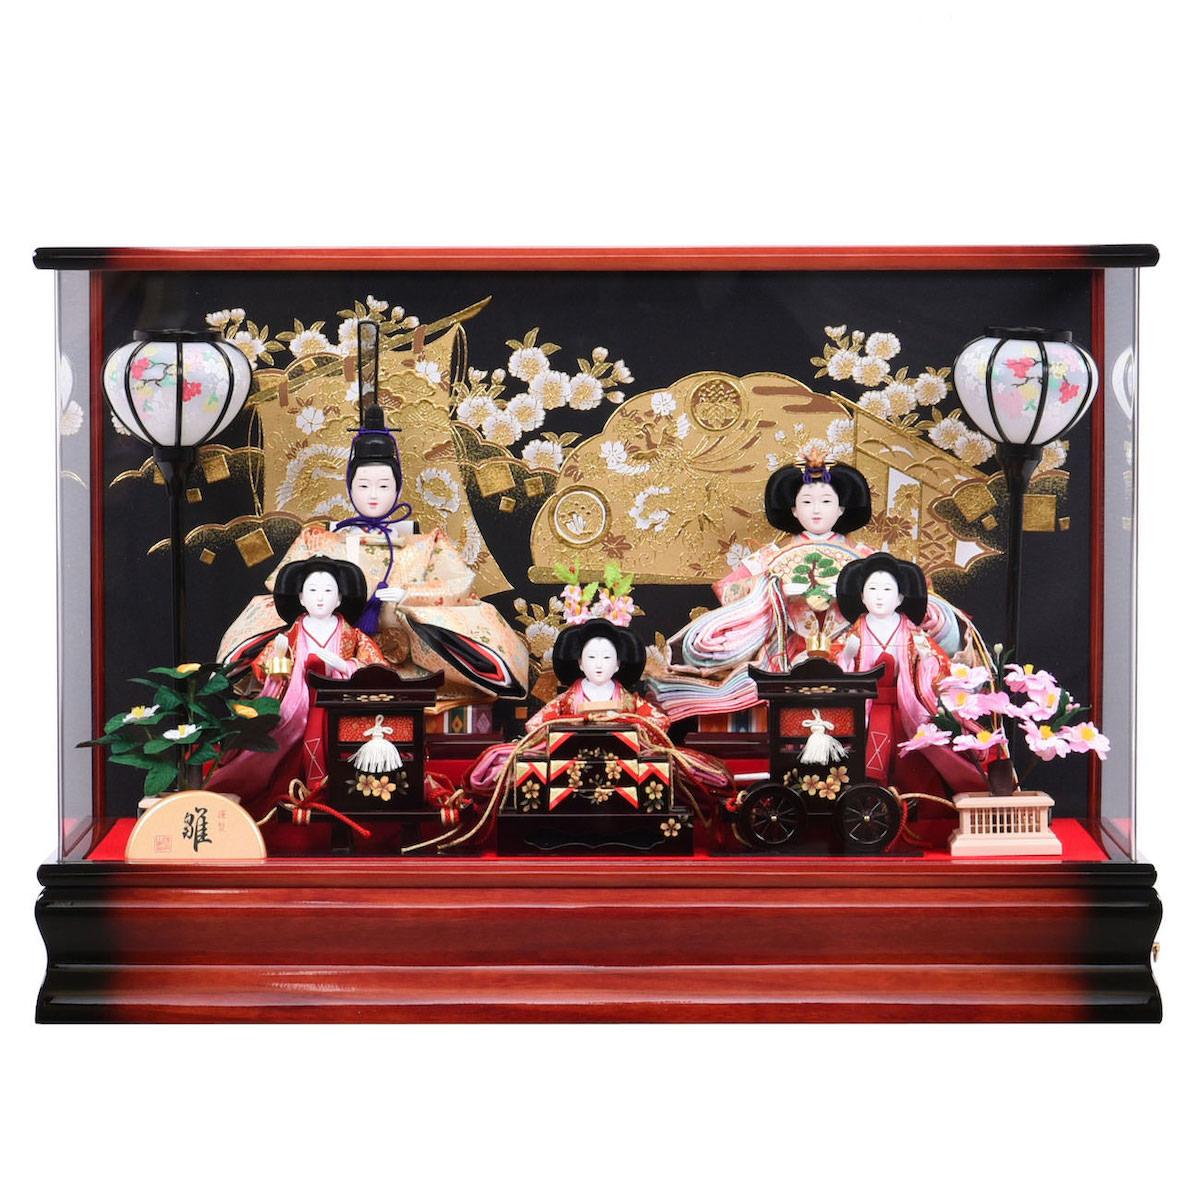 雛人形 ひな人形 アクリルケース 金彩 三五五人飾り 狭山清玉 ひな祭り 送料無料